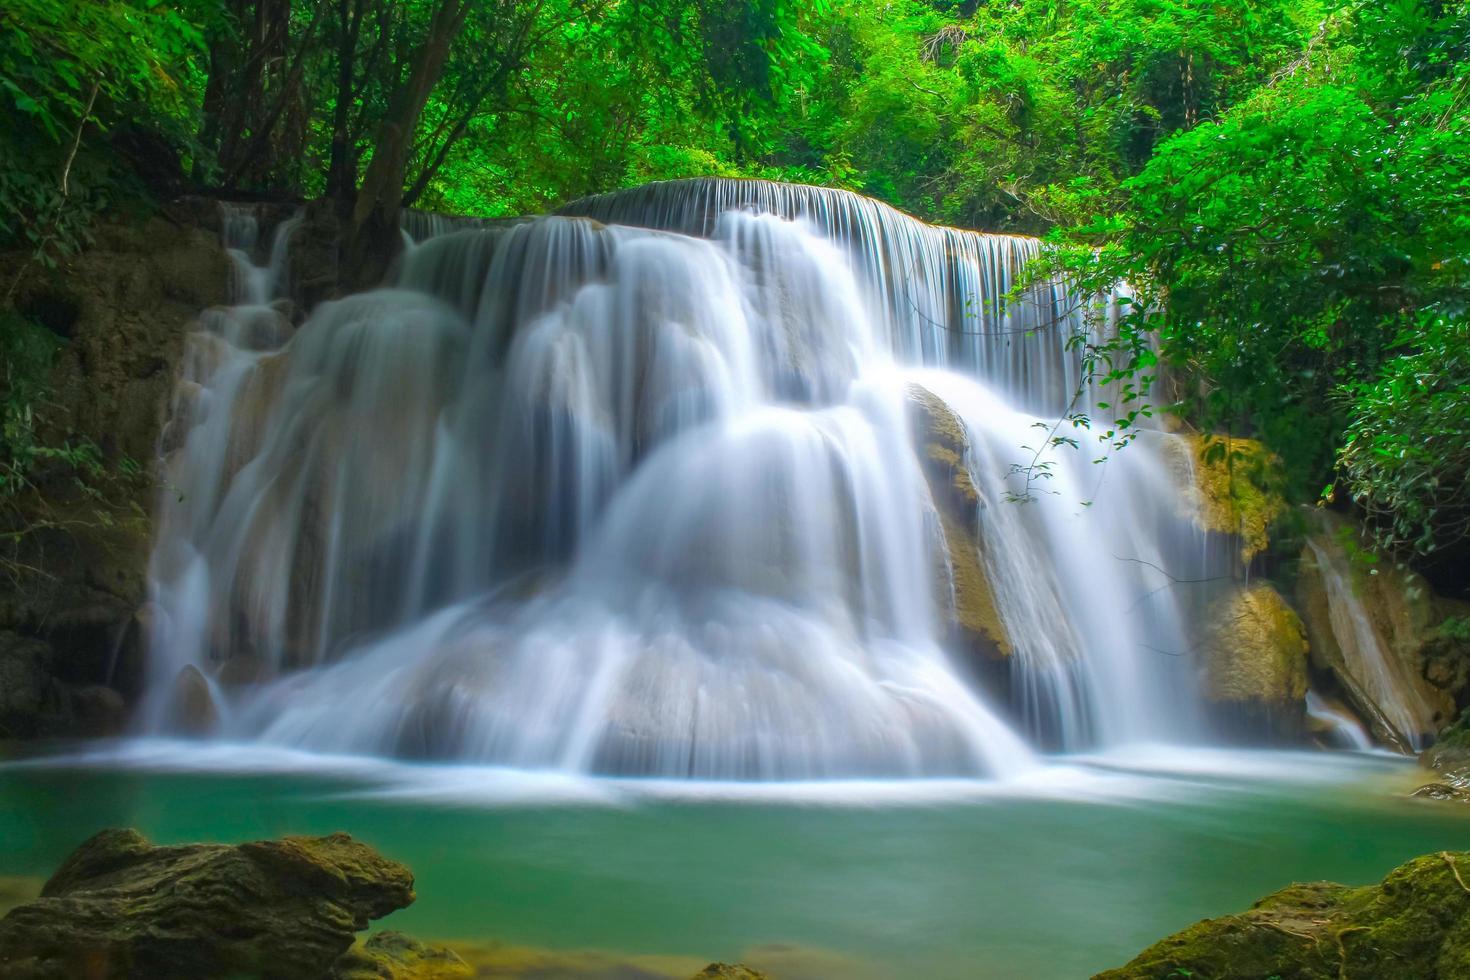 belle cascade dans une forêt tropicale photo